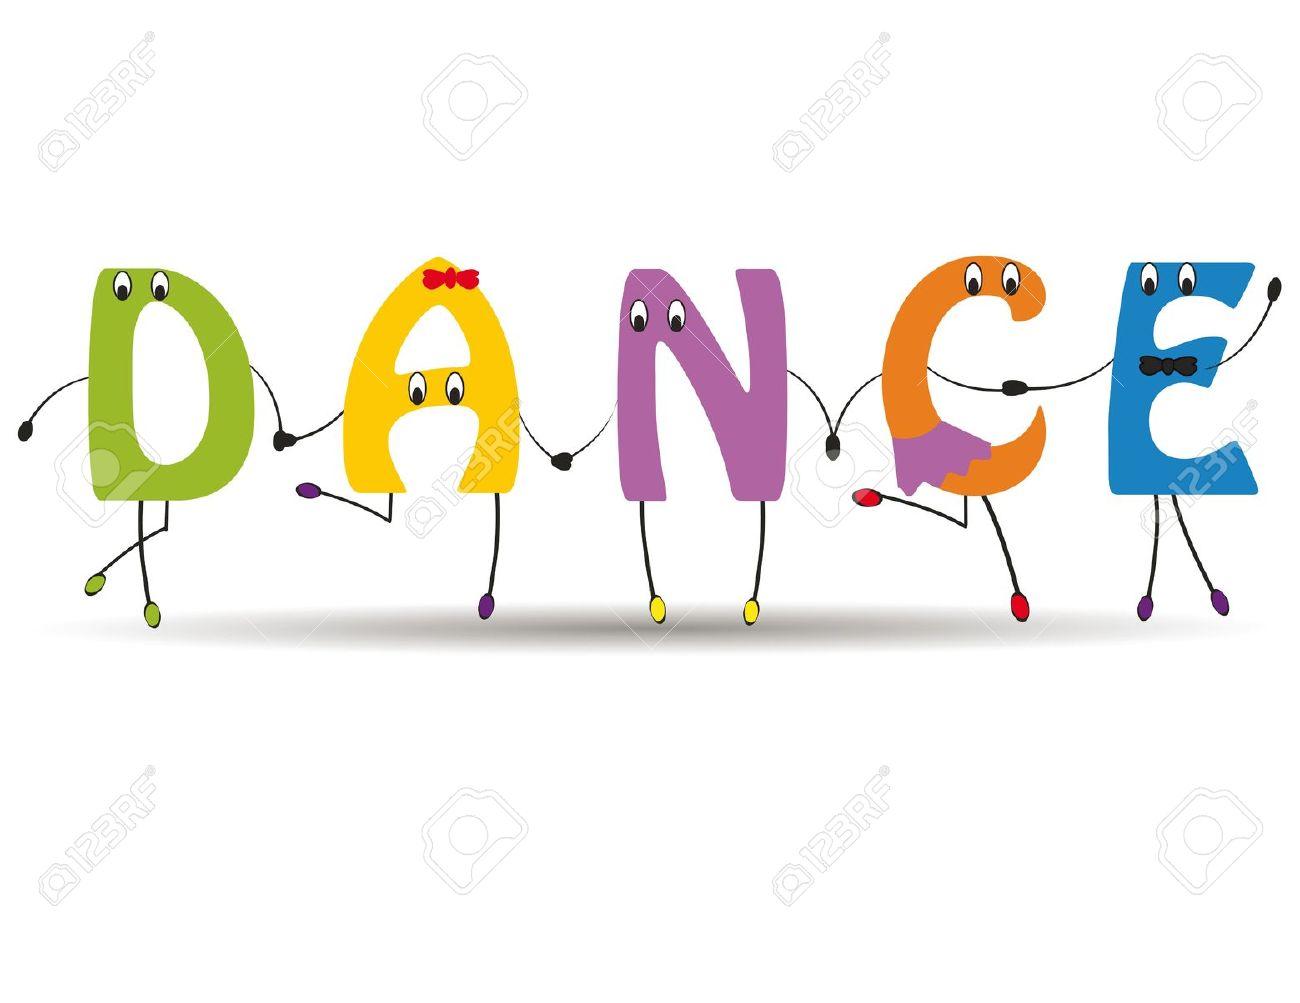 Dance - Frank Hobbs Elementary